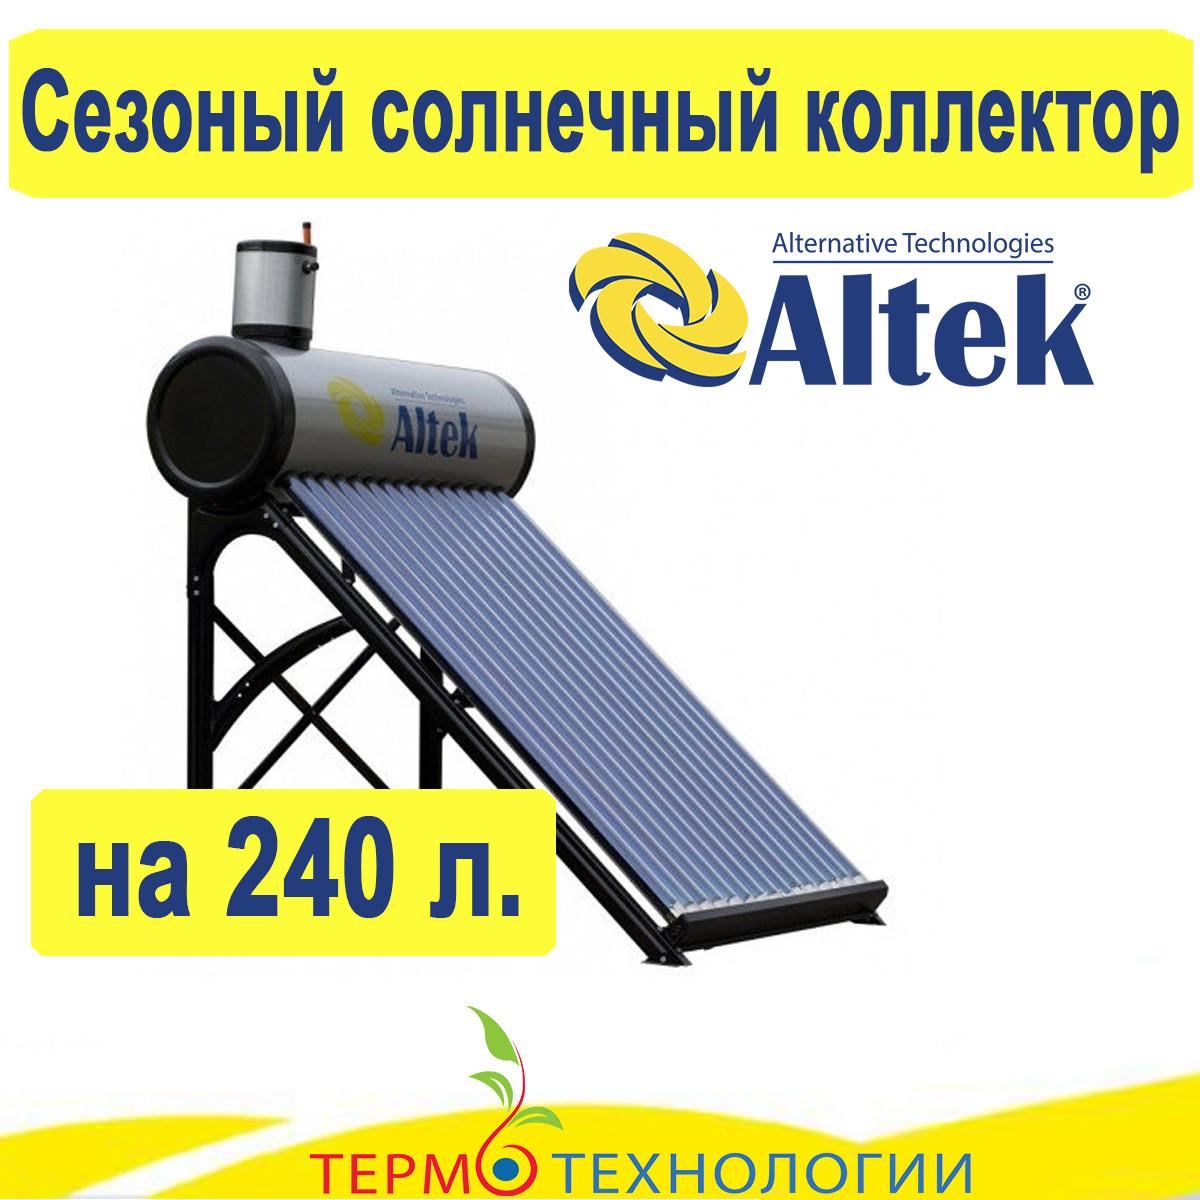 Сезонный солнечный коллектор на 240 л. для 4-5 человек